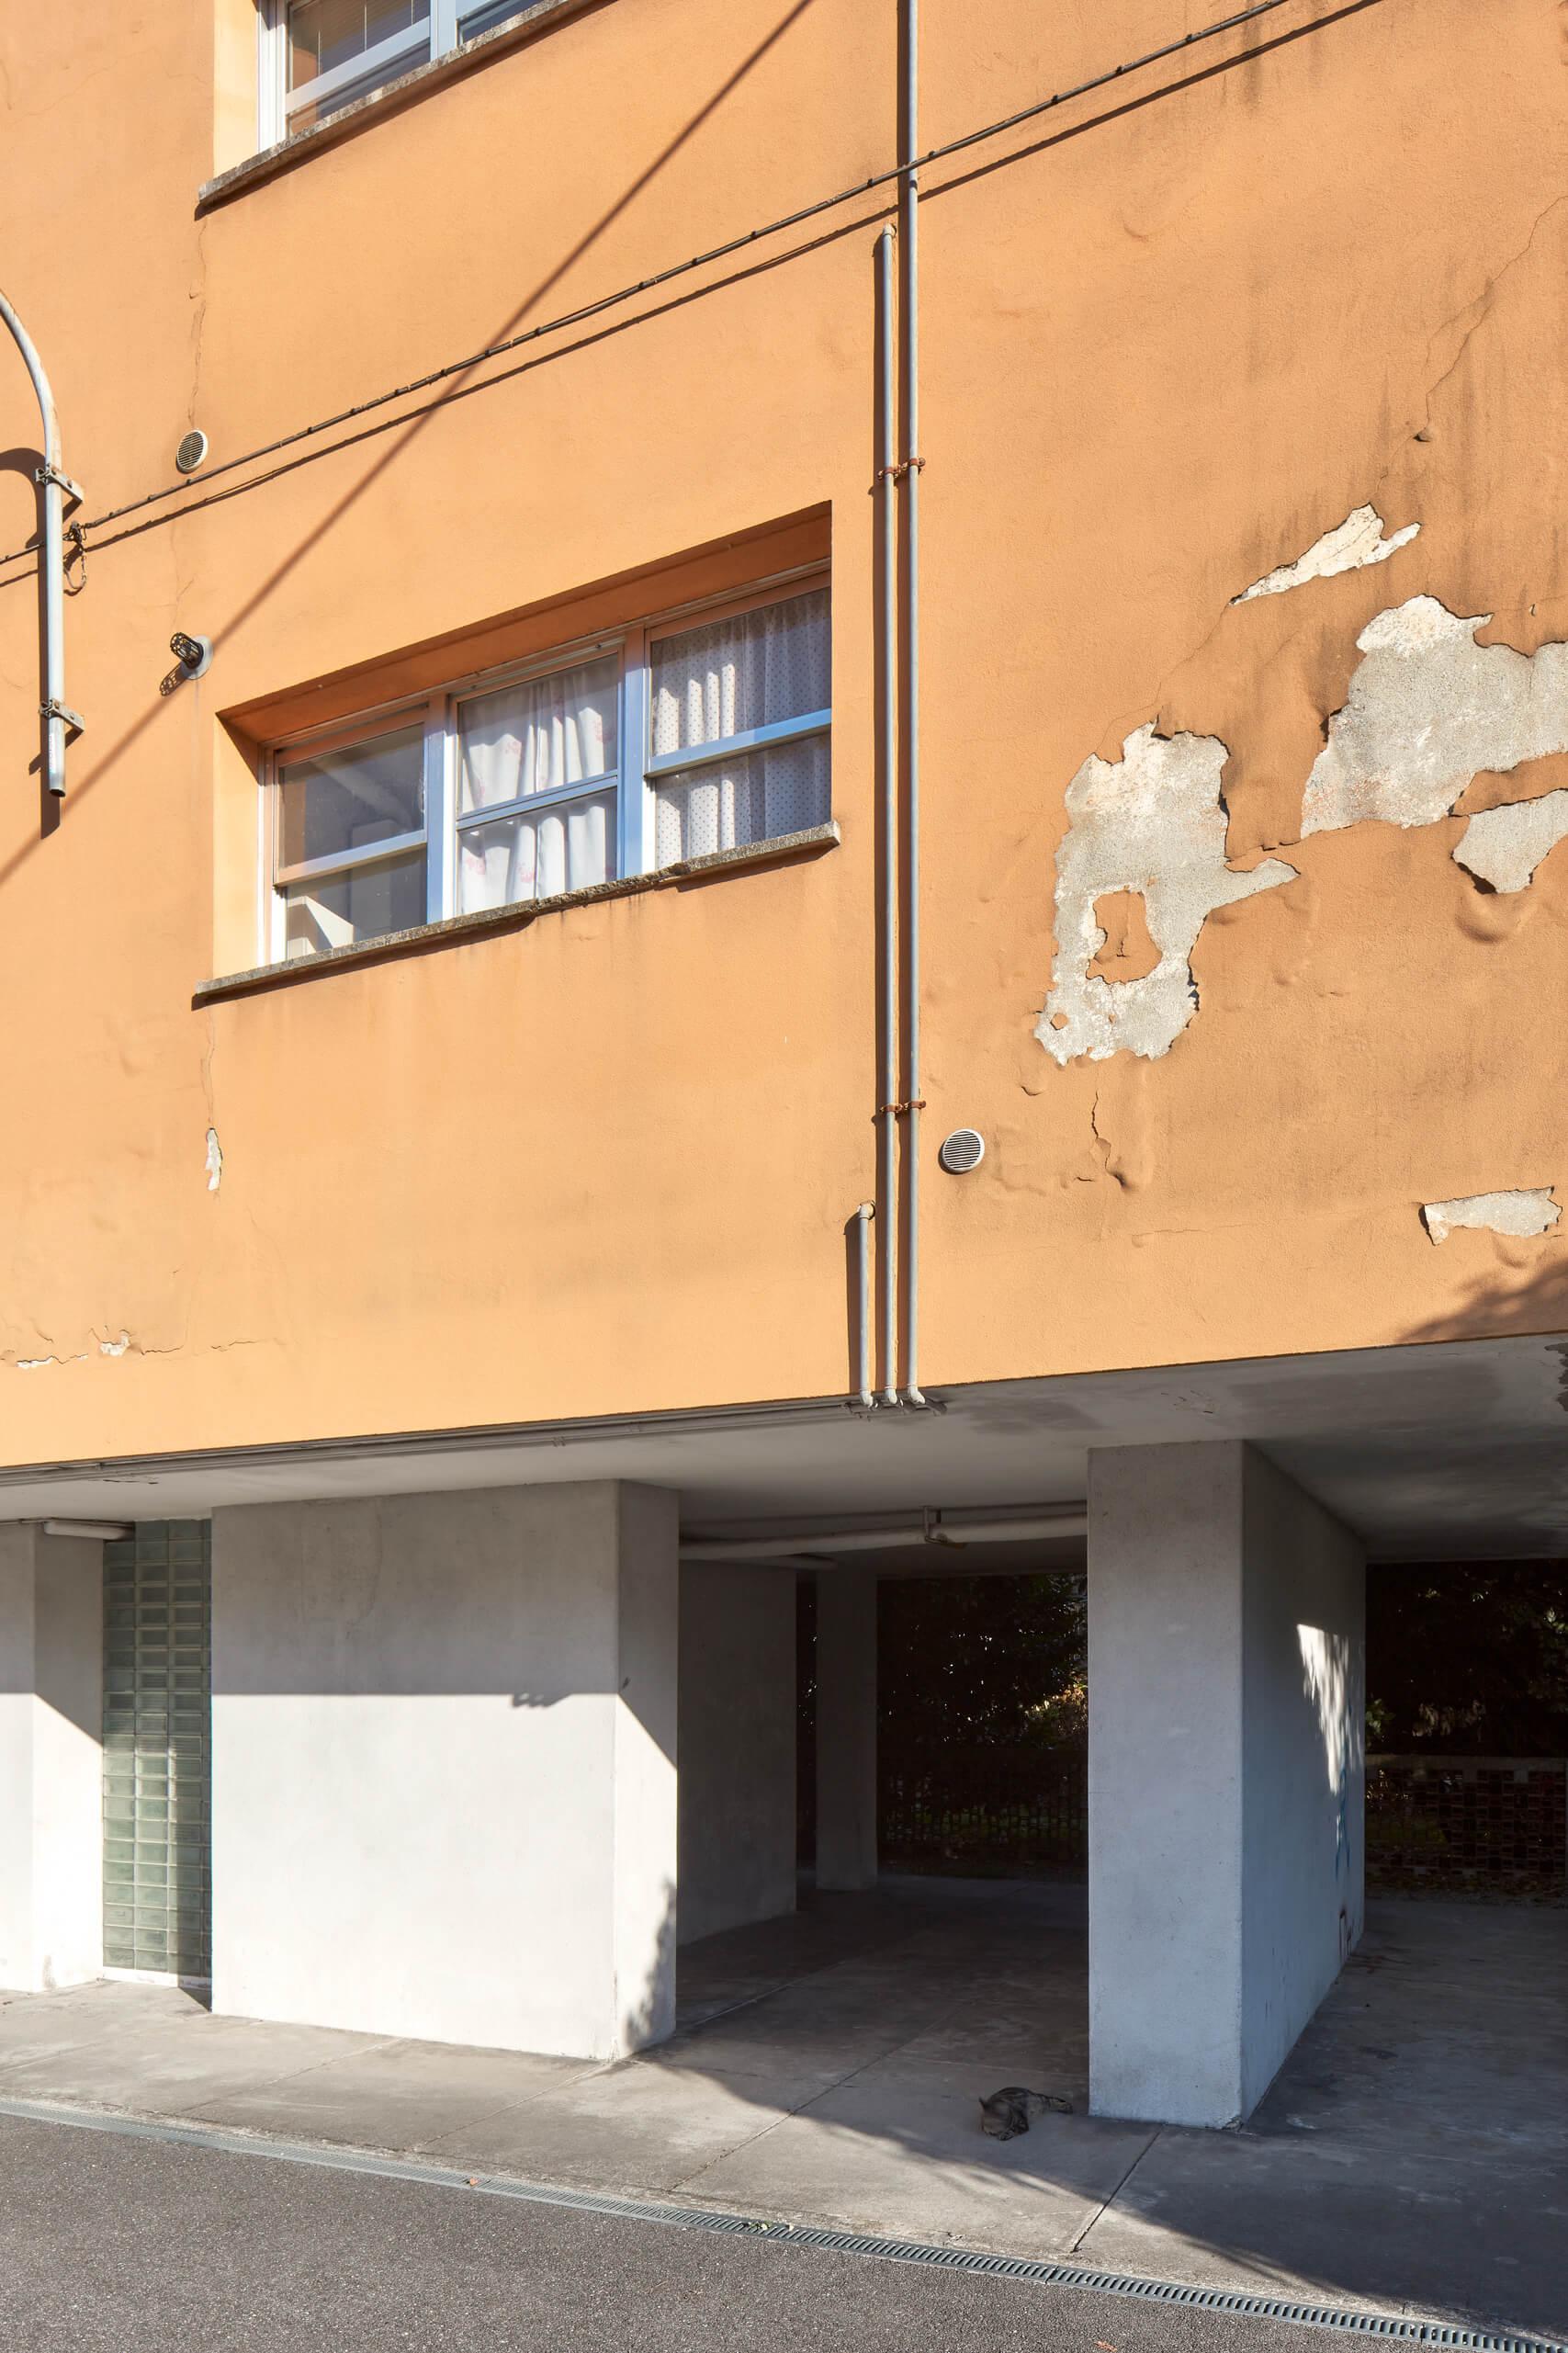 Federico_Covre_Casa_Popolare_Borgo_Olivetti_Figini_Pollini_1939-41_Ivrea_2020_12